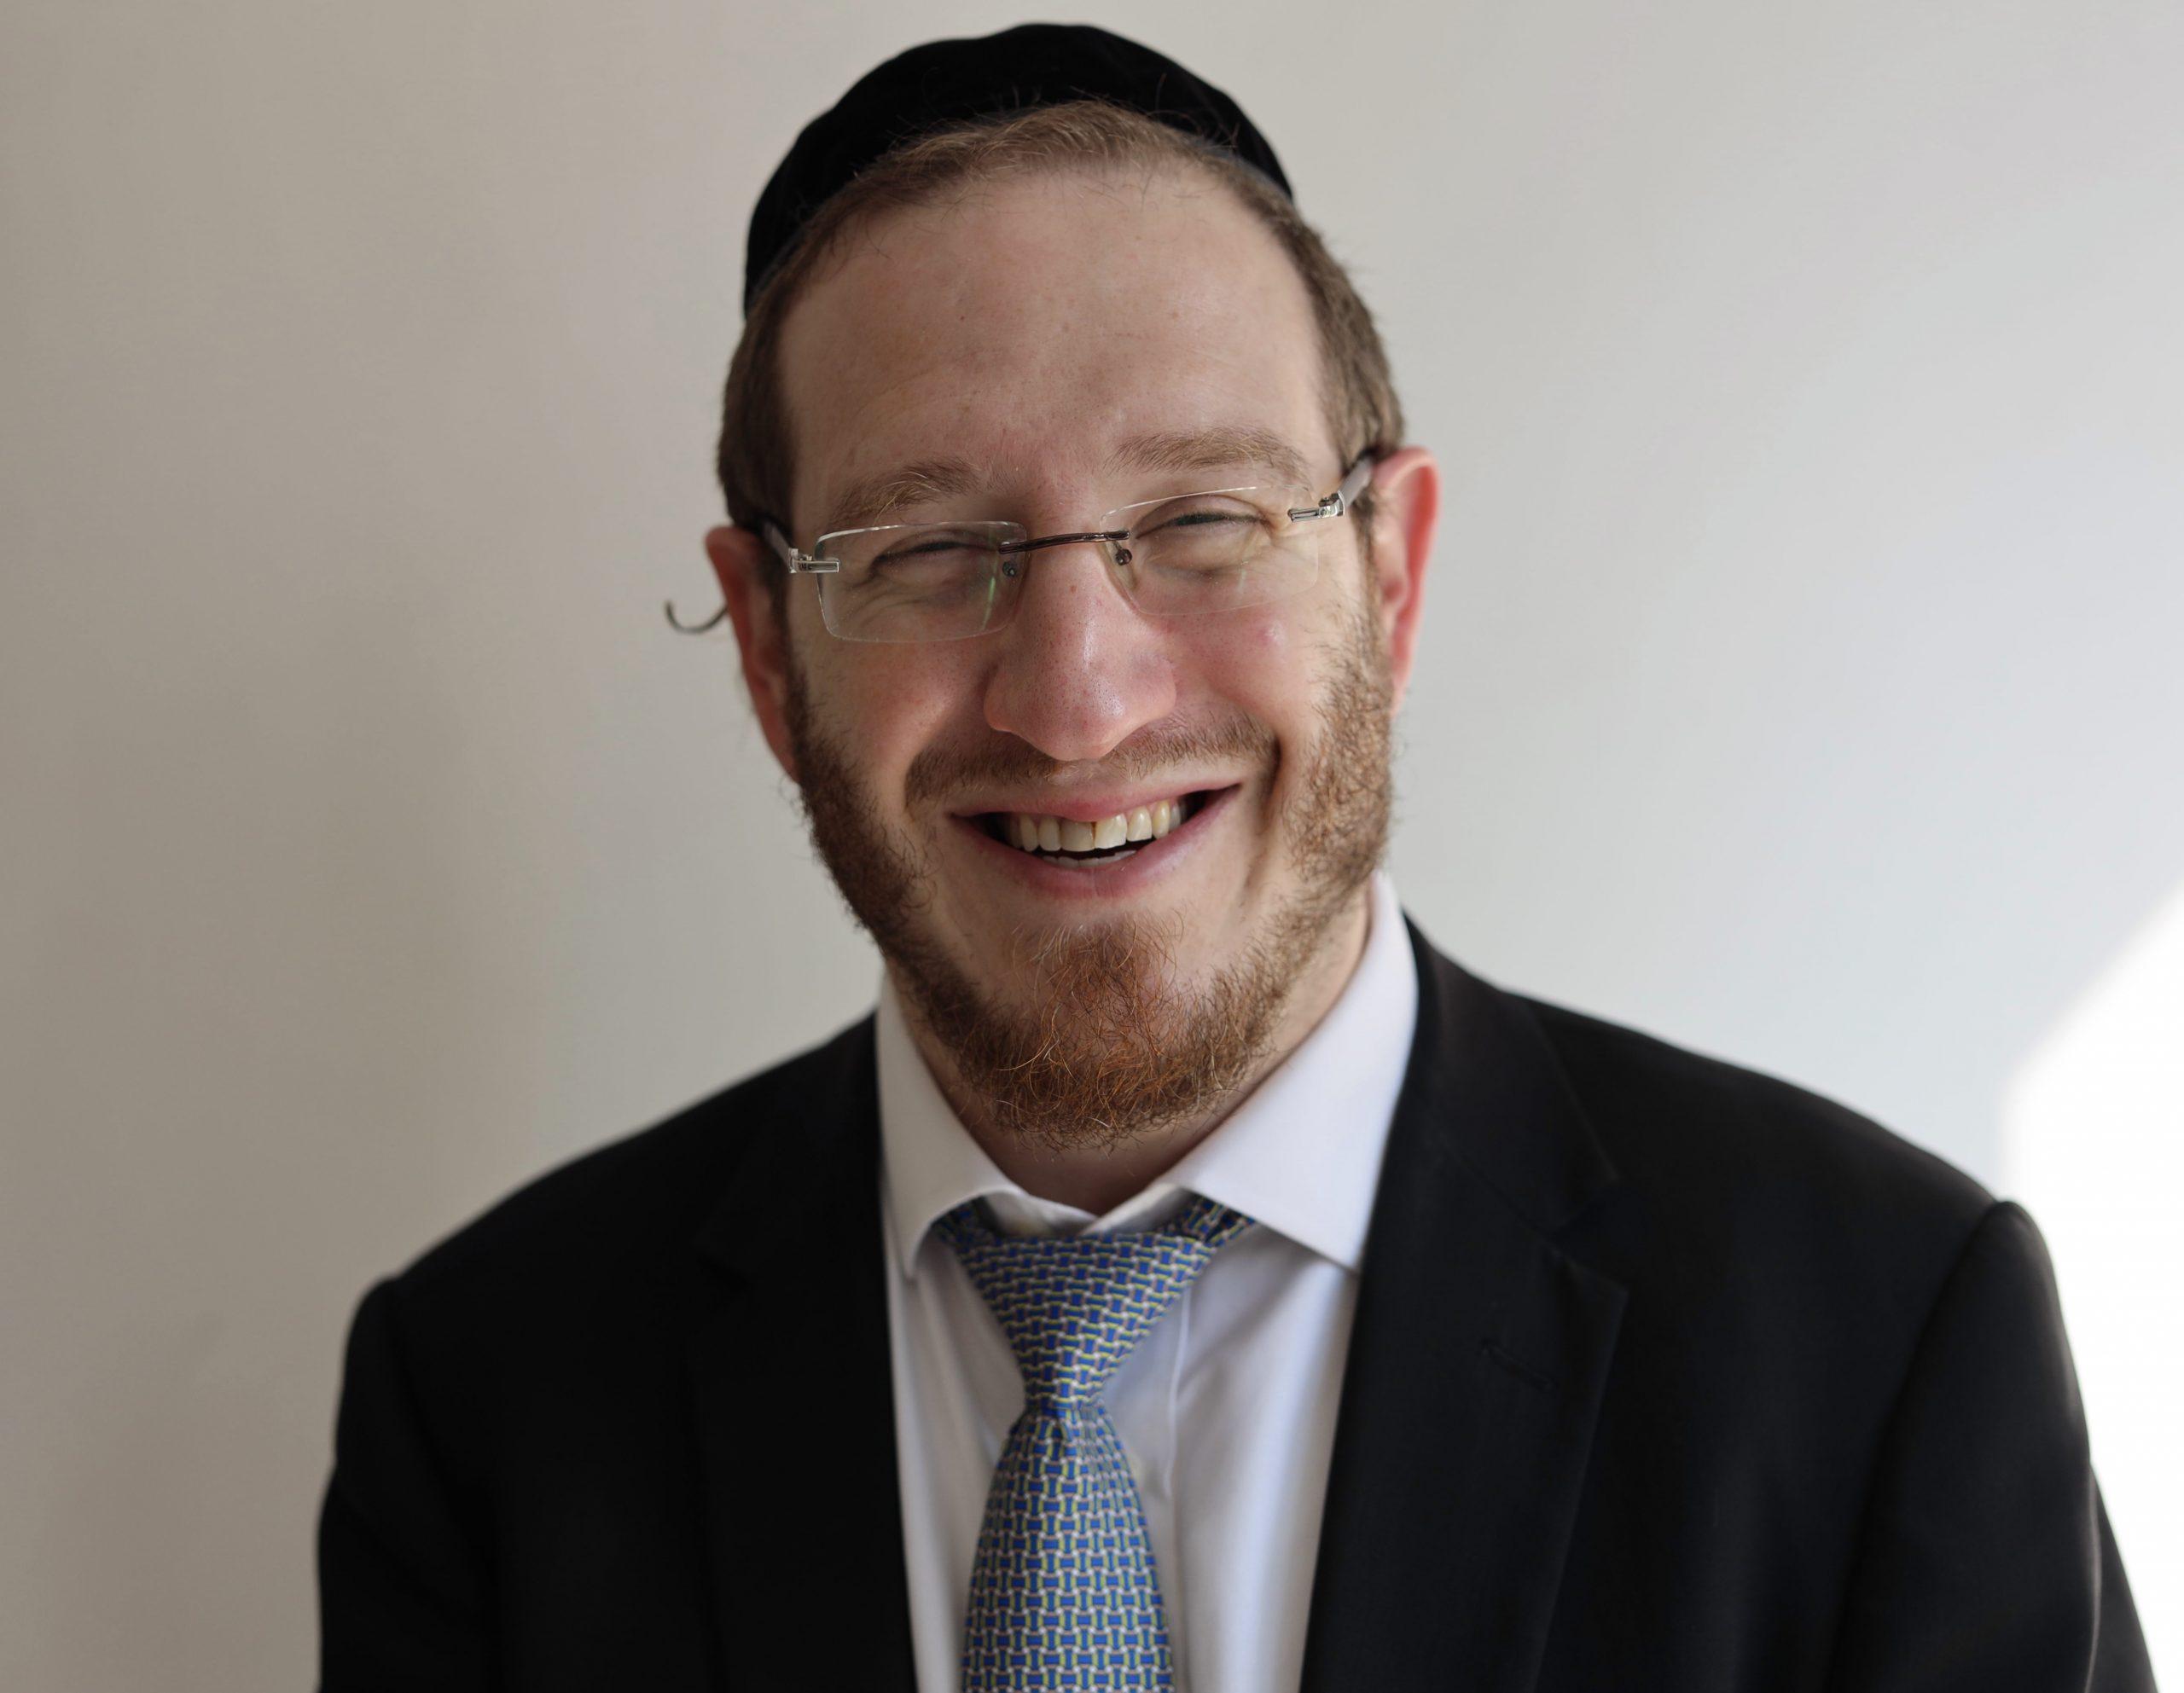 Rabbi Baruch Schechter